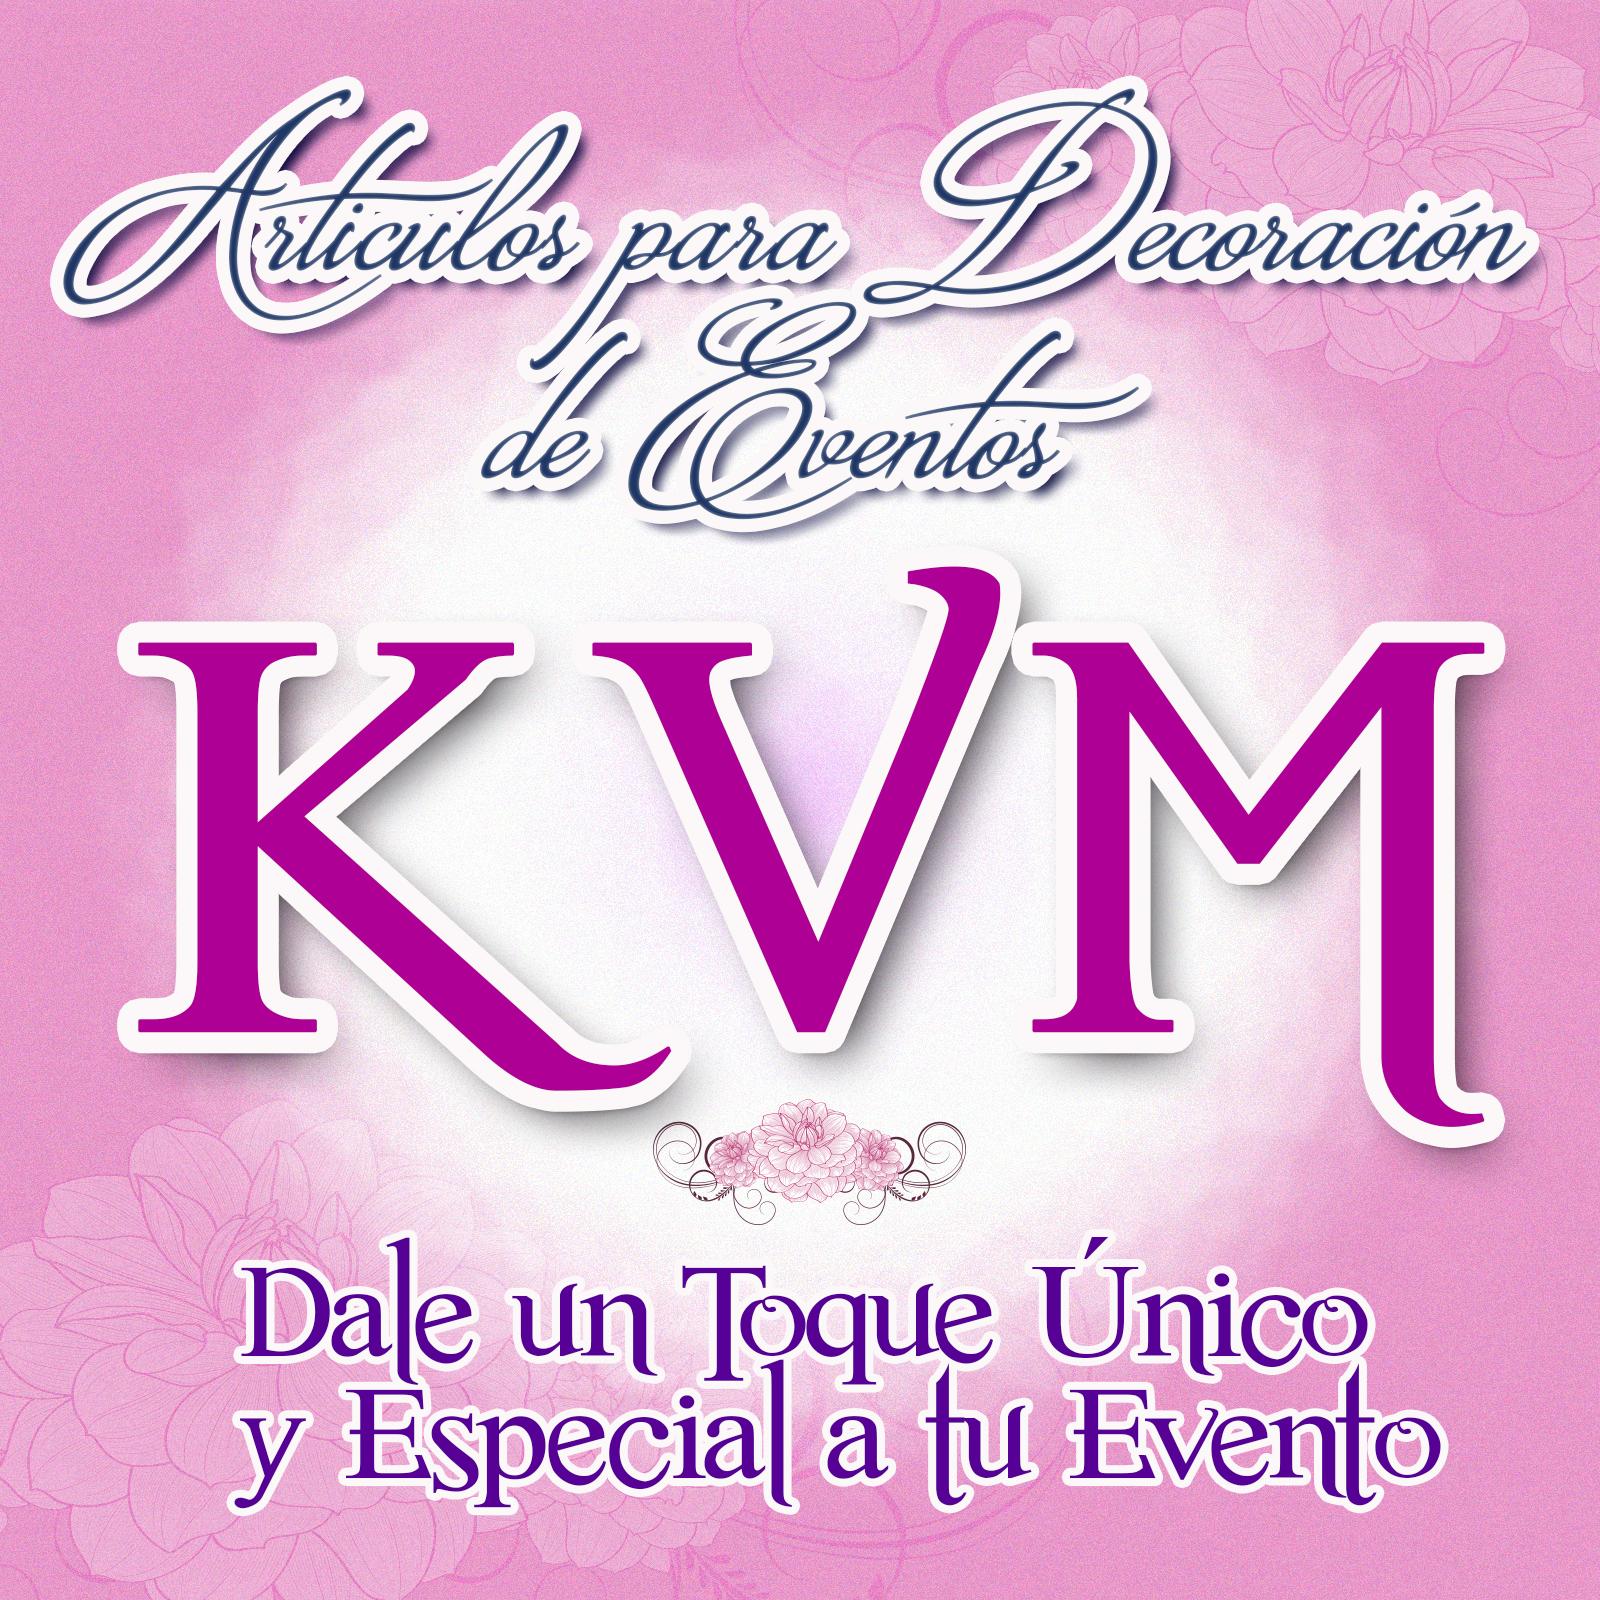 decoracion-de-eventos-kvm-articulos